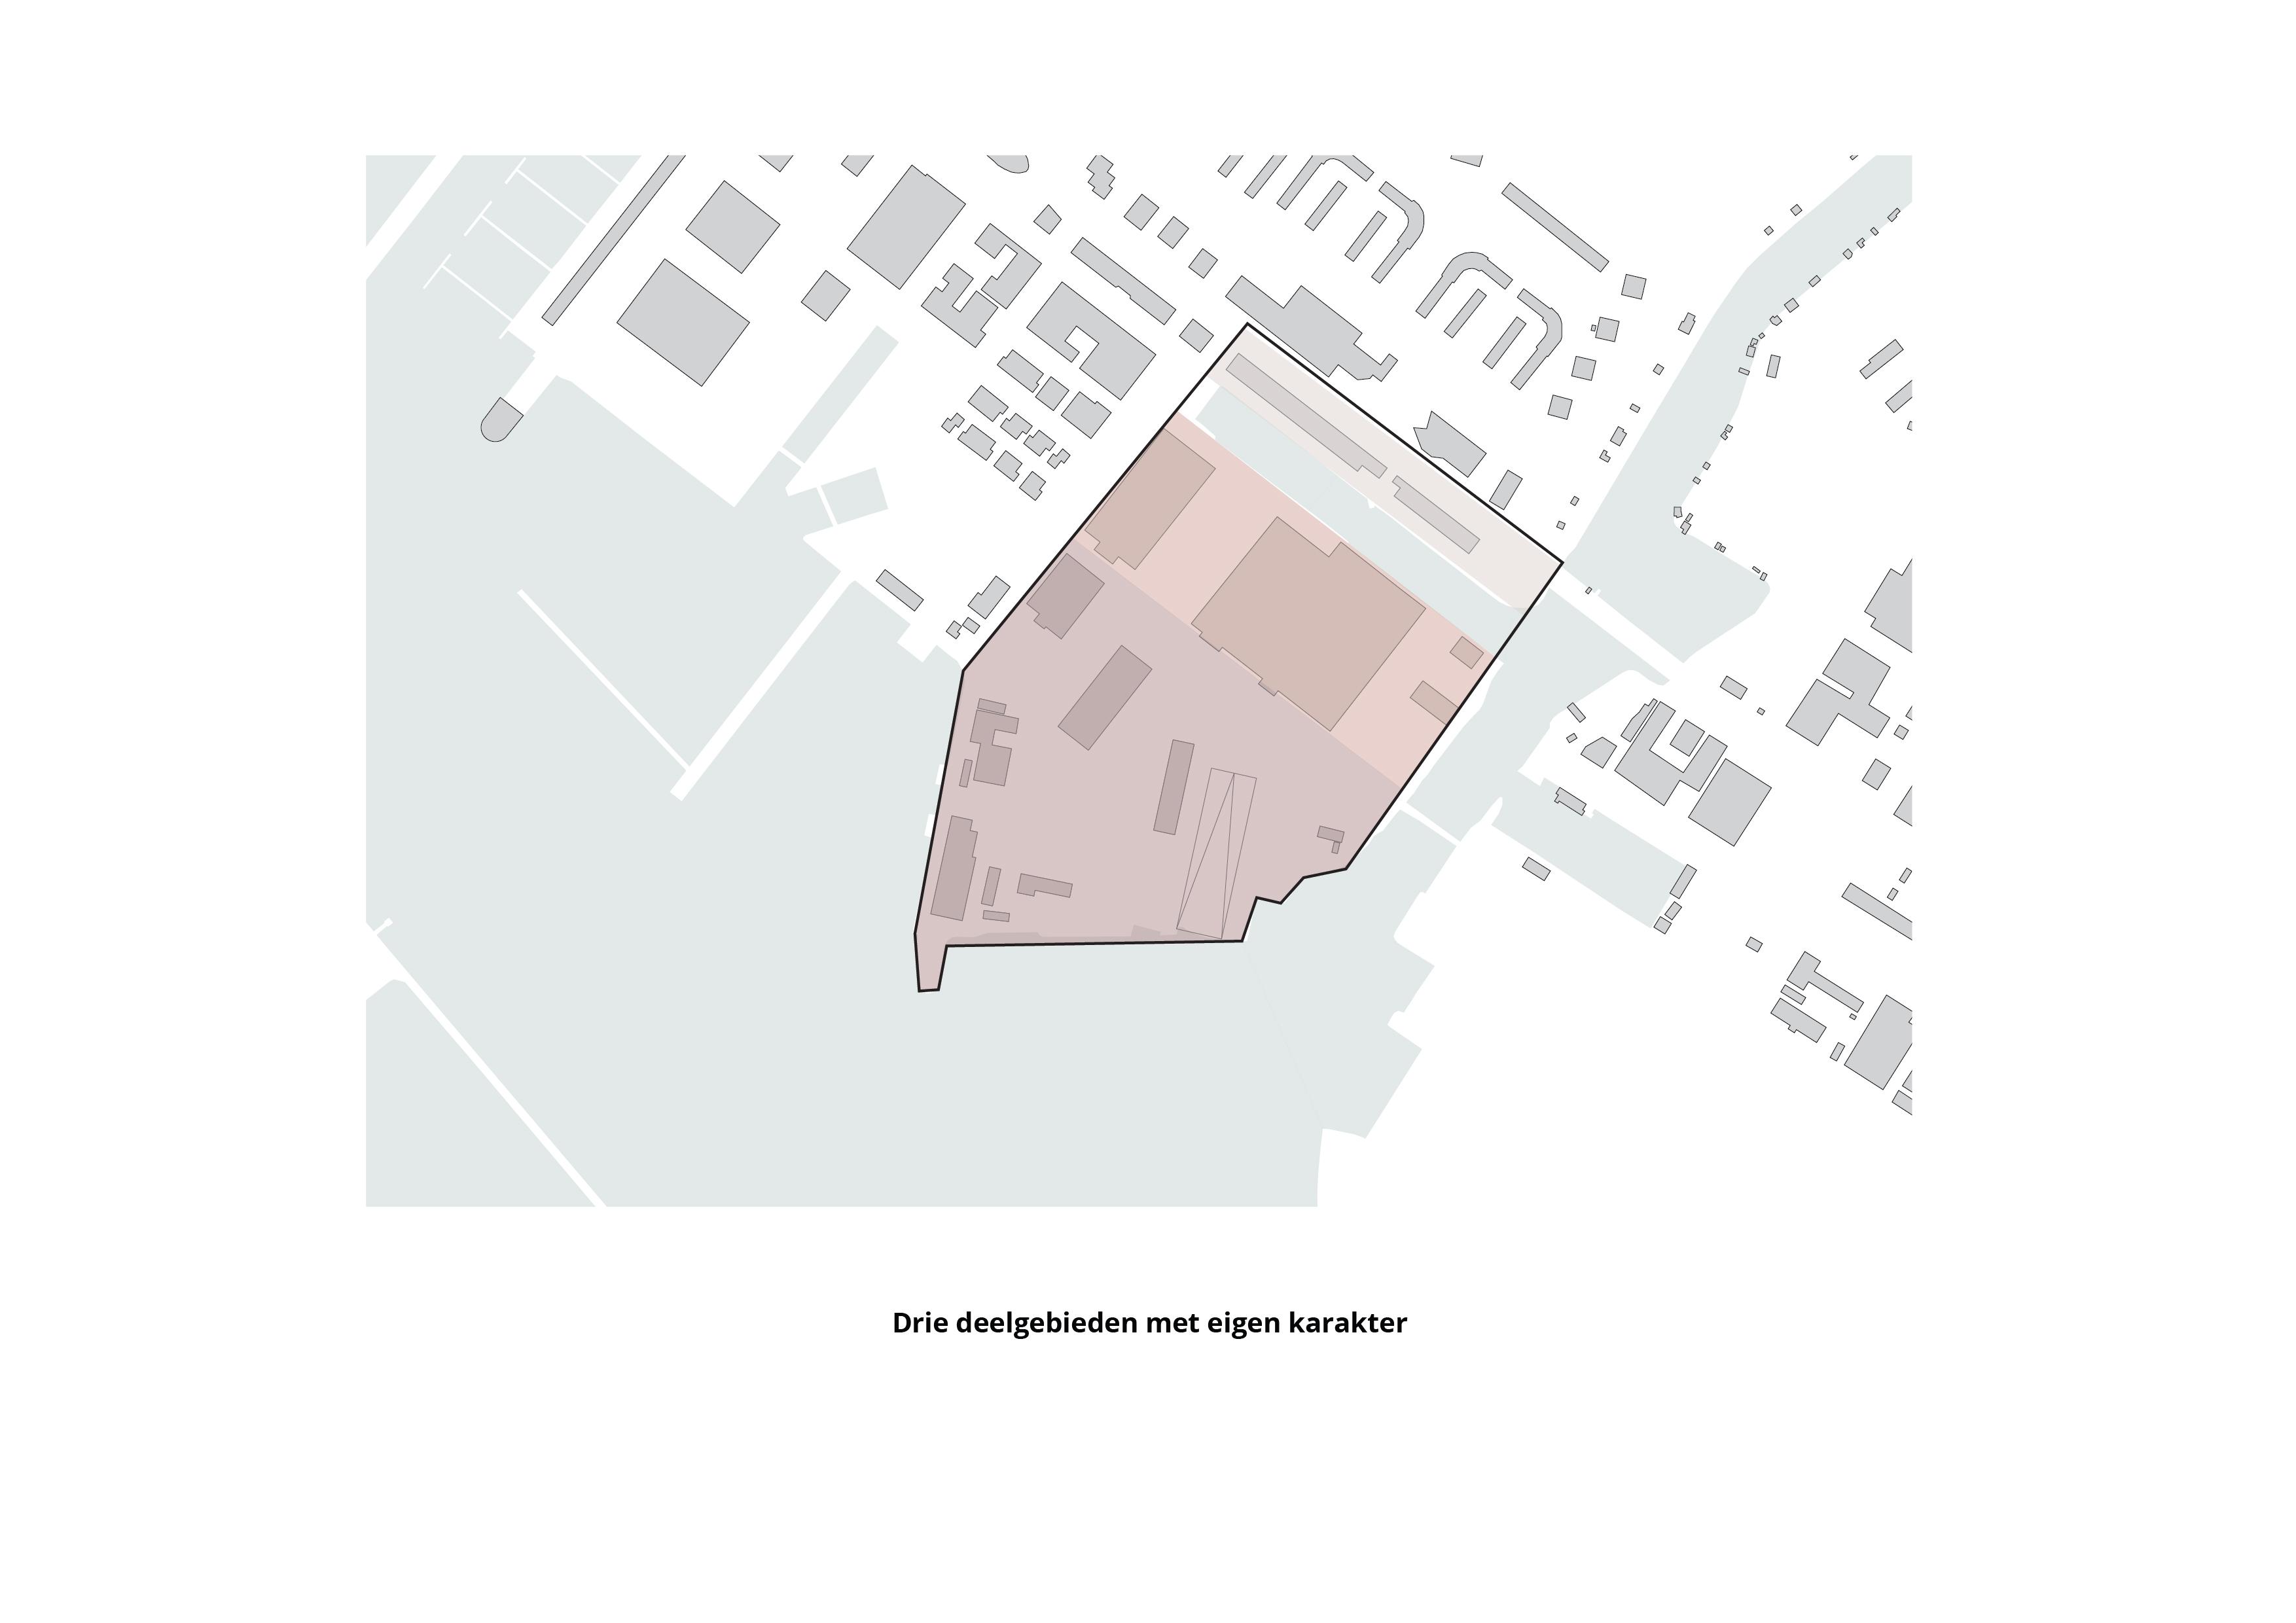 NDSM terrein – Drie deelgebieden